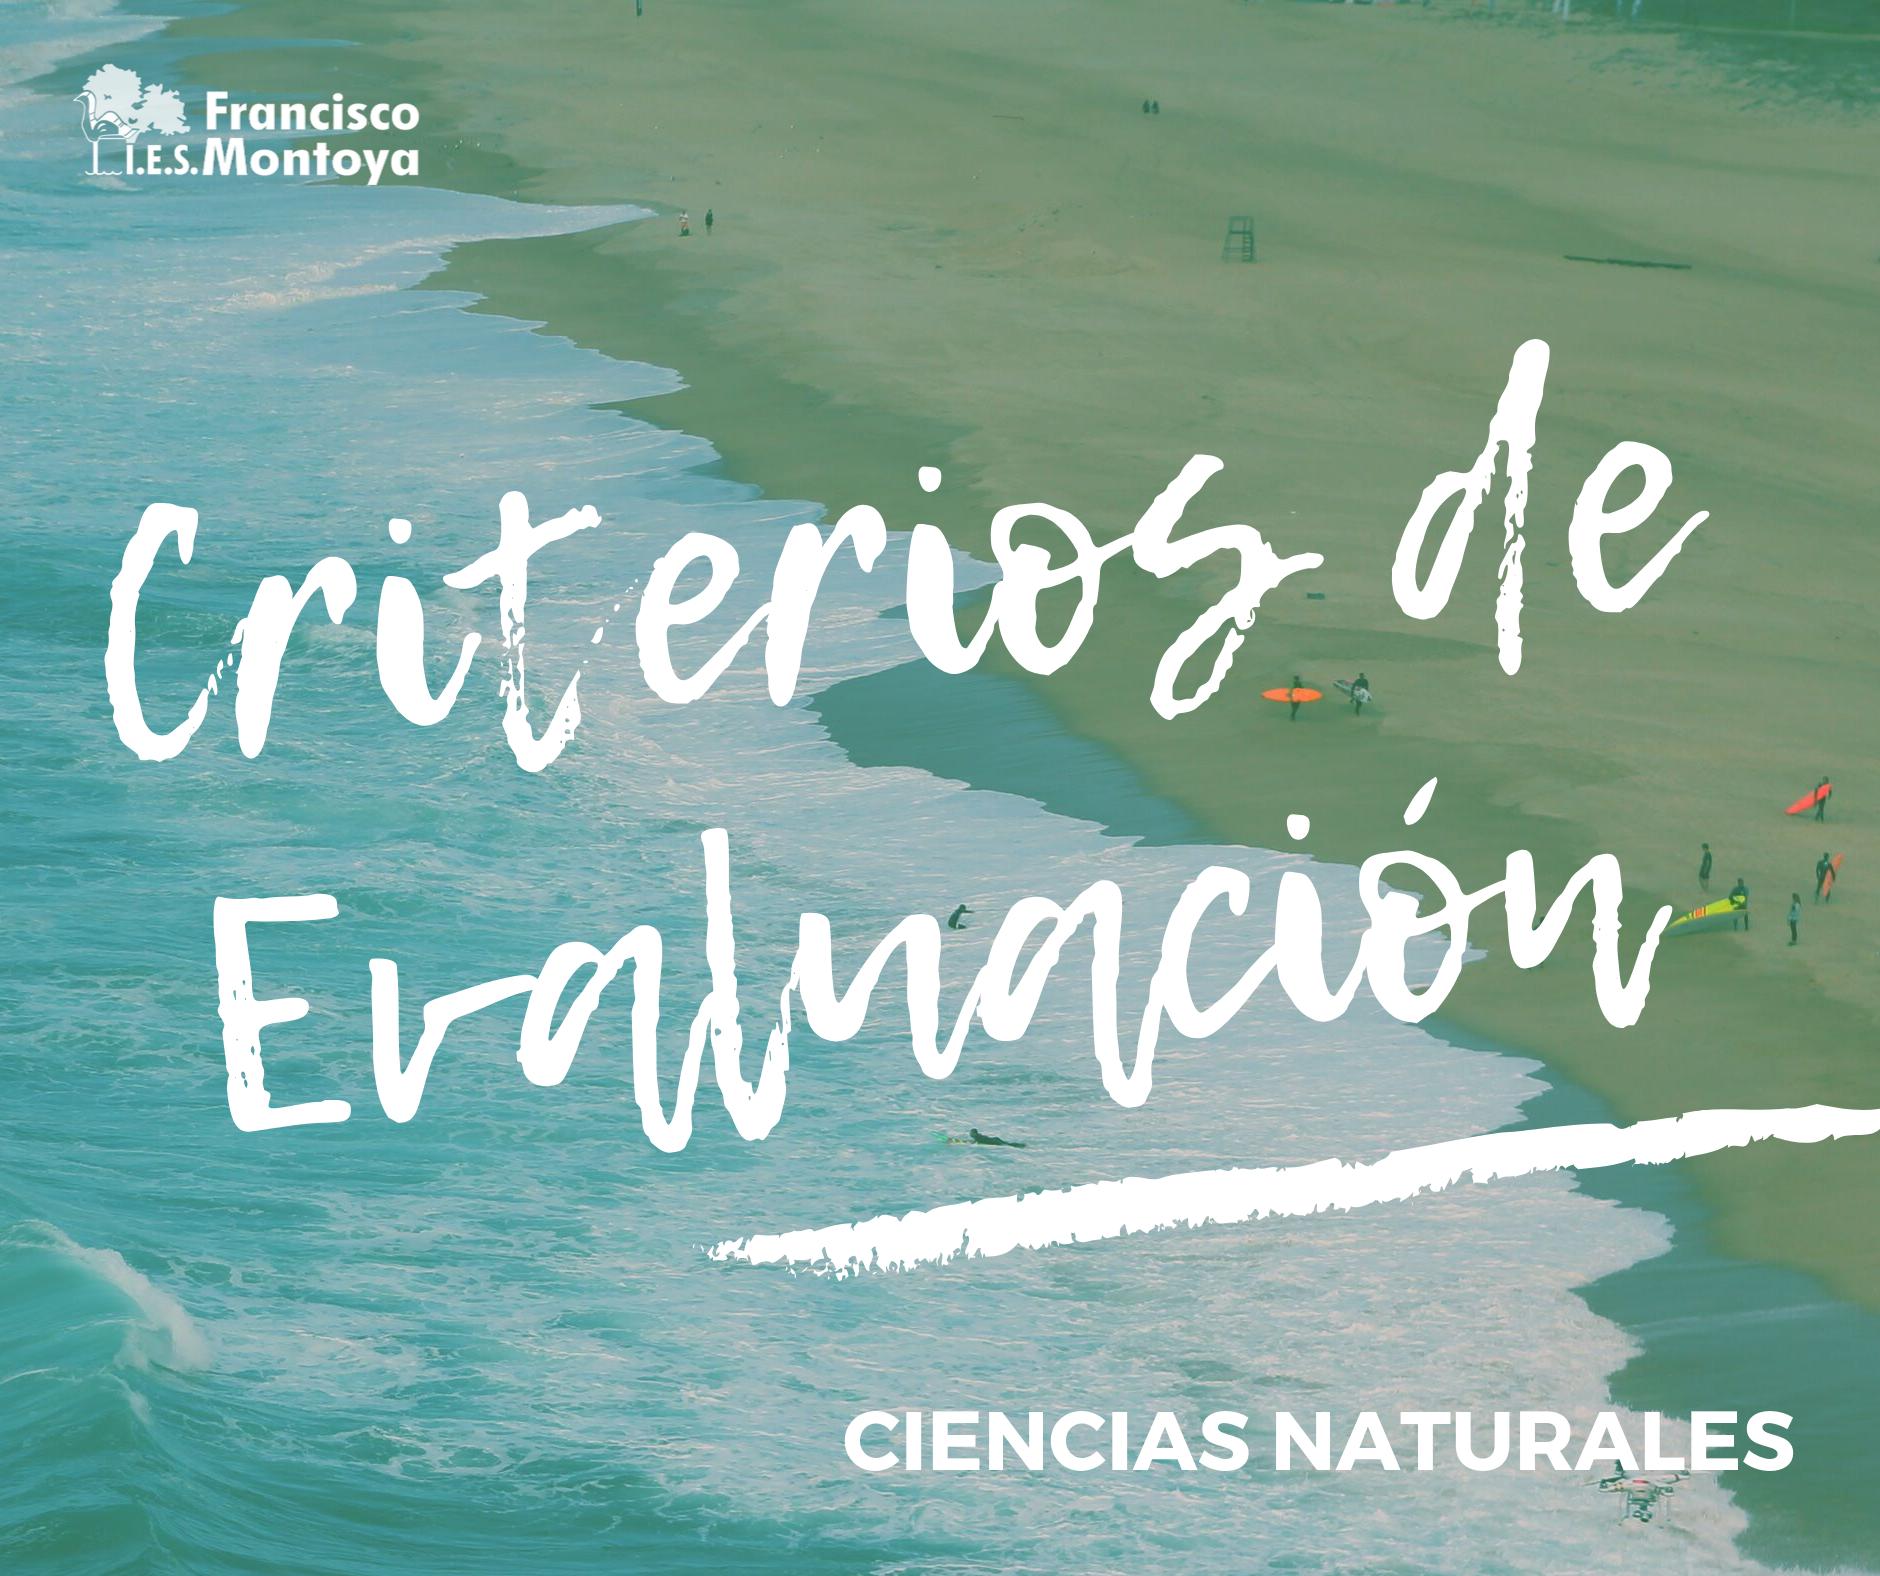 Ciencias Naturales – Criterios de Evaluación 19/20